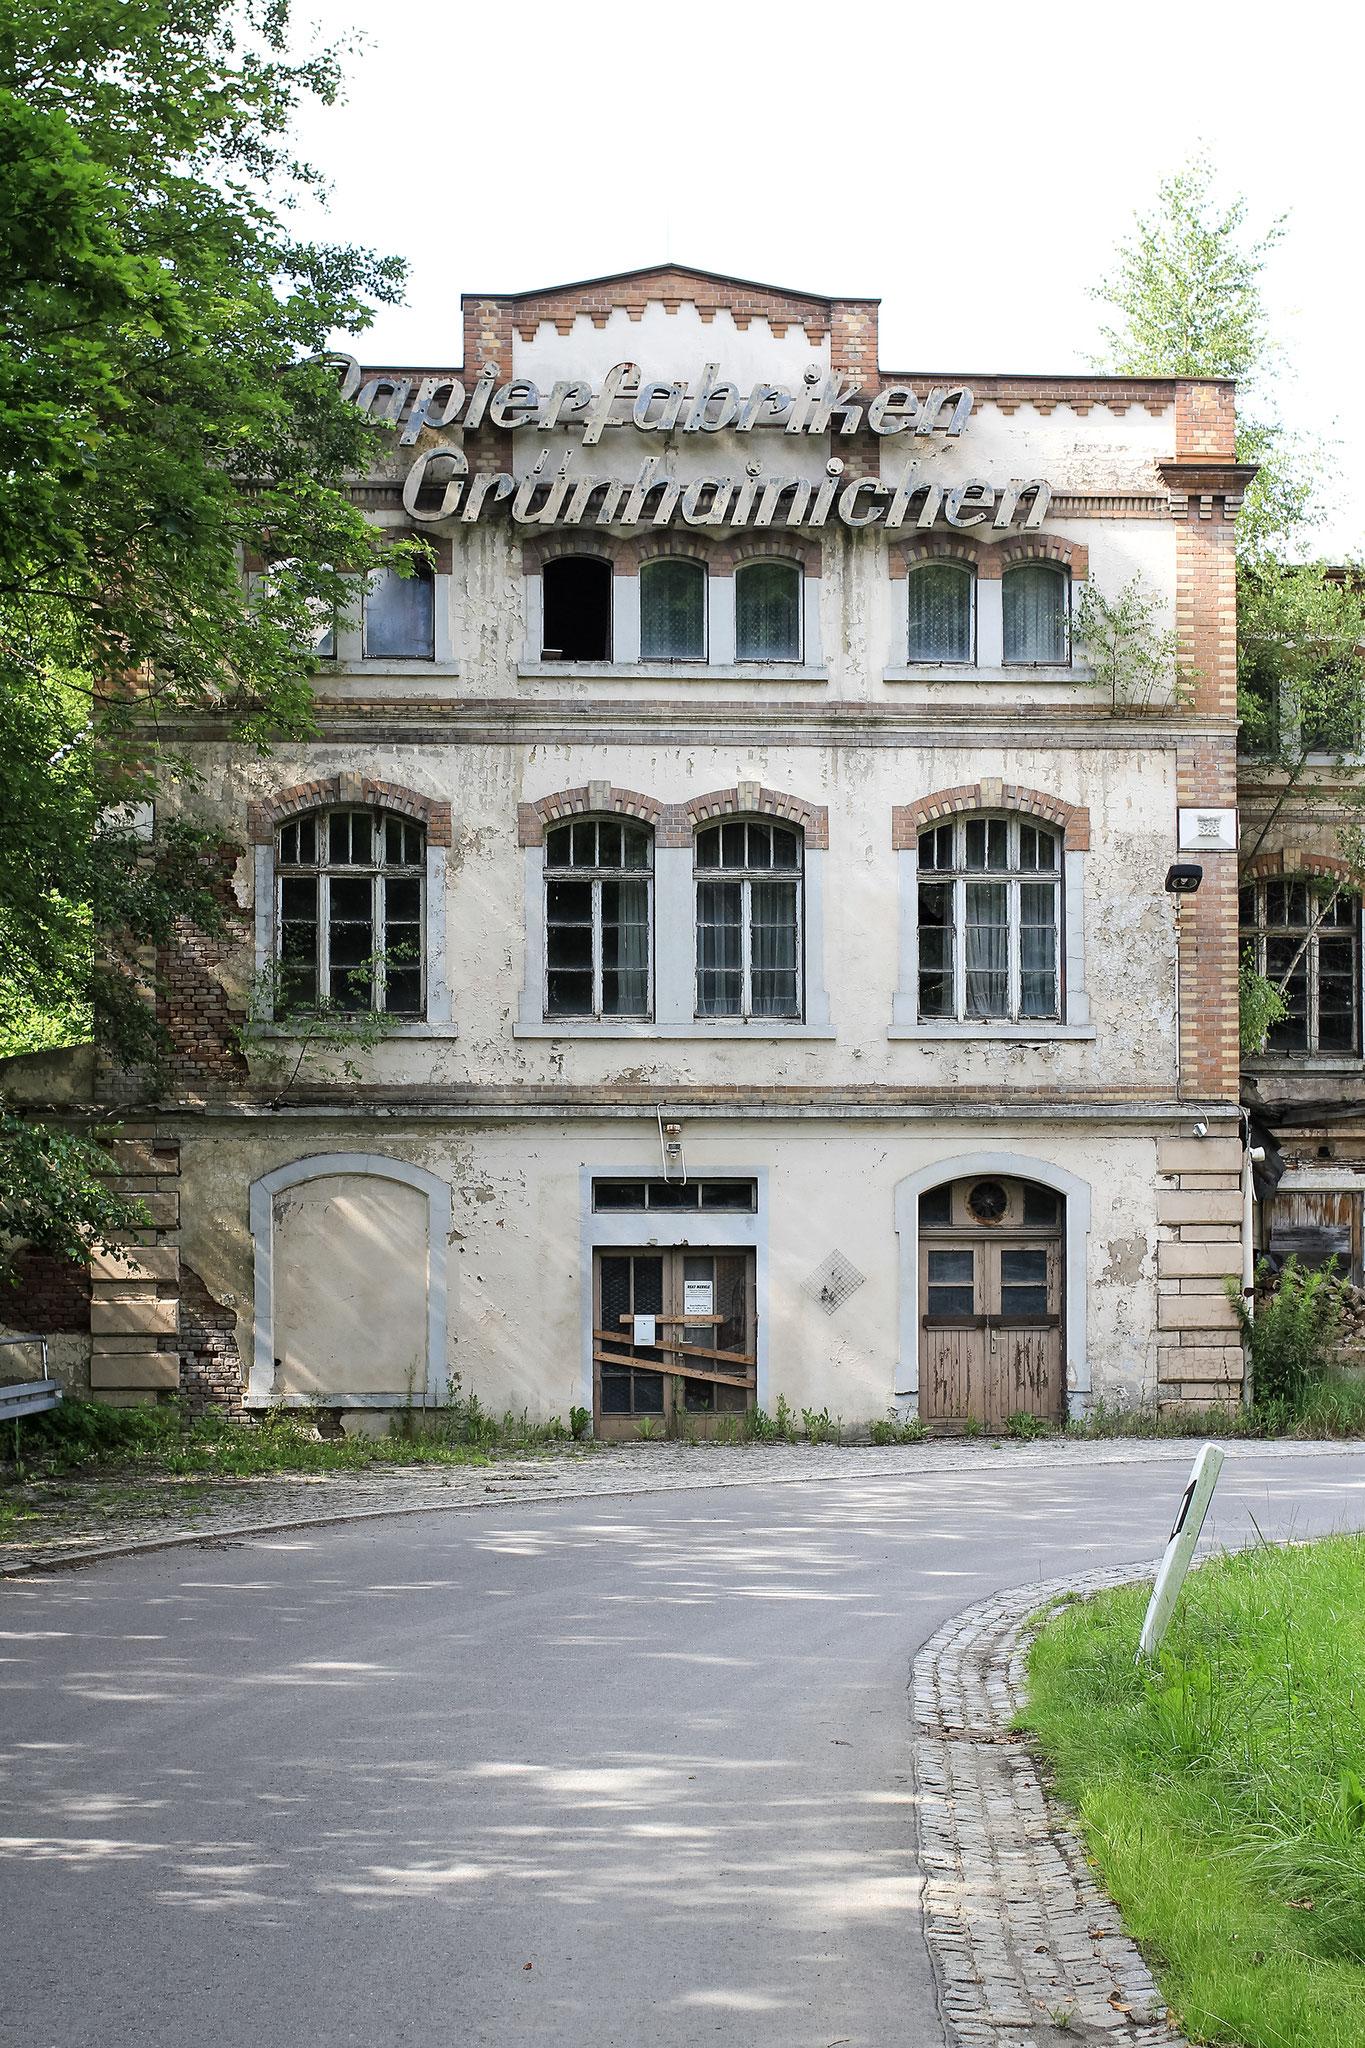 VEB Papierfabriken Grünhainichen